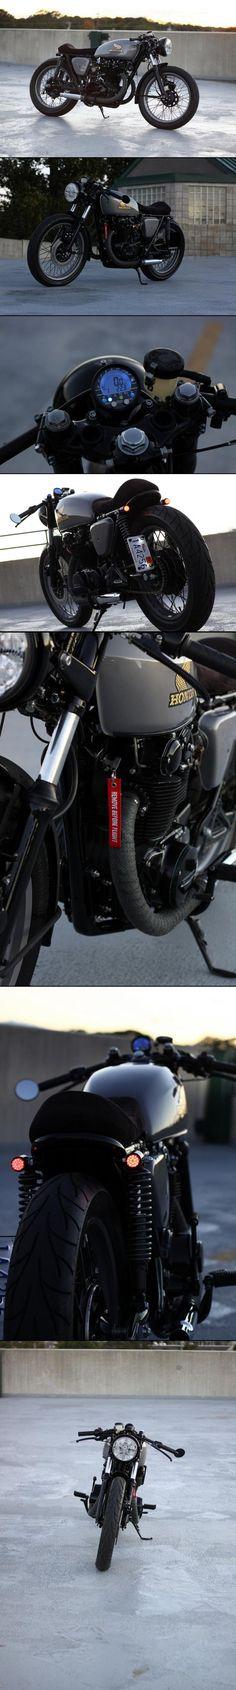 Honda CB 400 Cafe #CafeRacer #Honda #TonUp